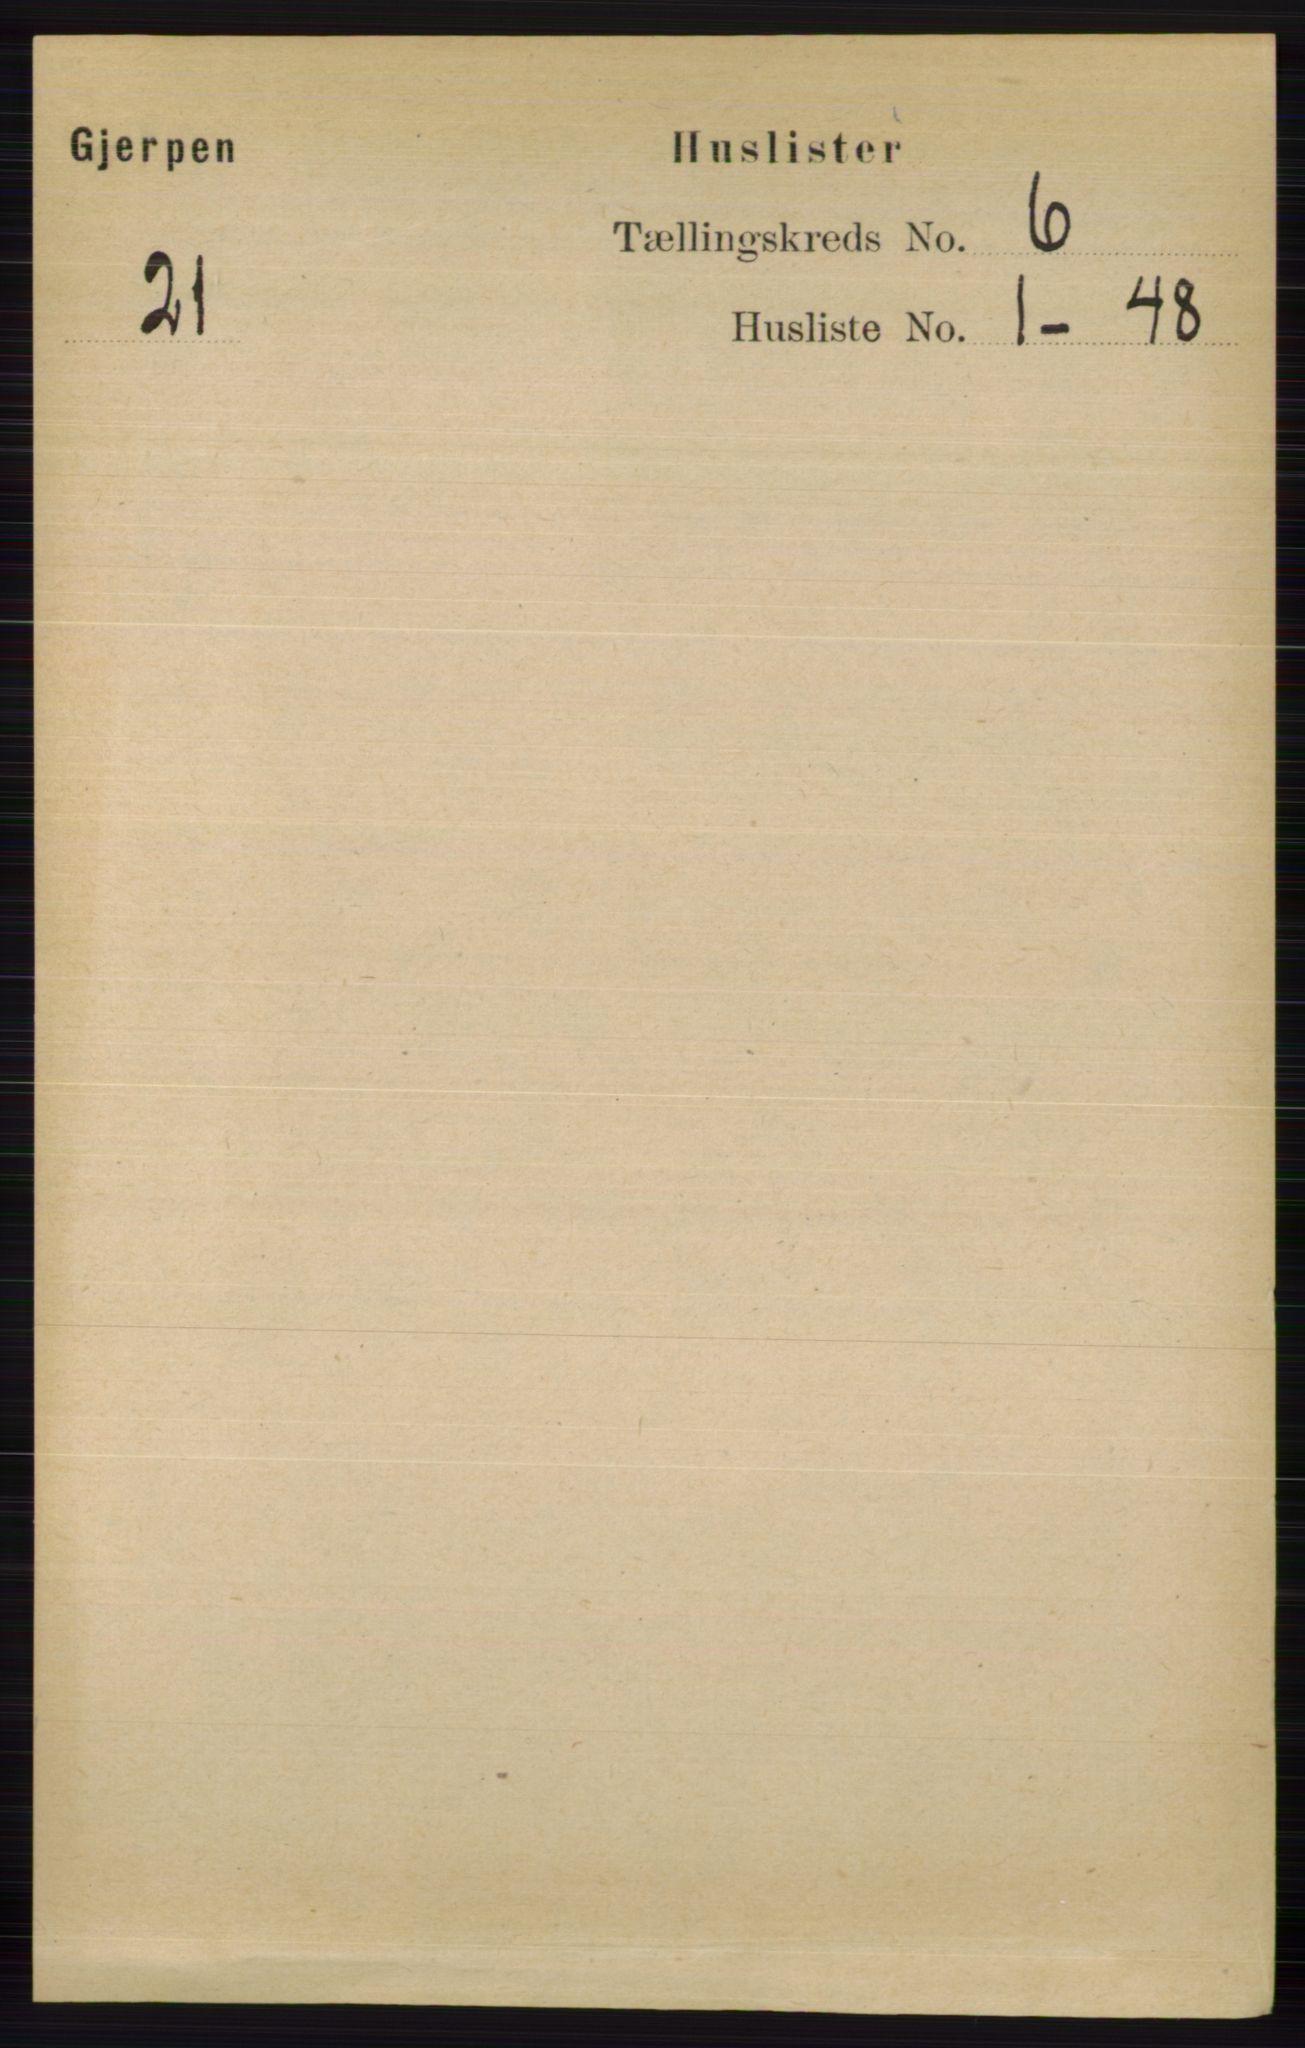 RA, Folketelling 1891 for 0812 Gjerpen herred, 1891, s. 2911